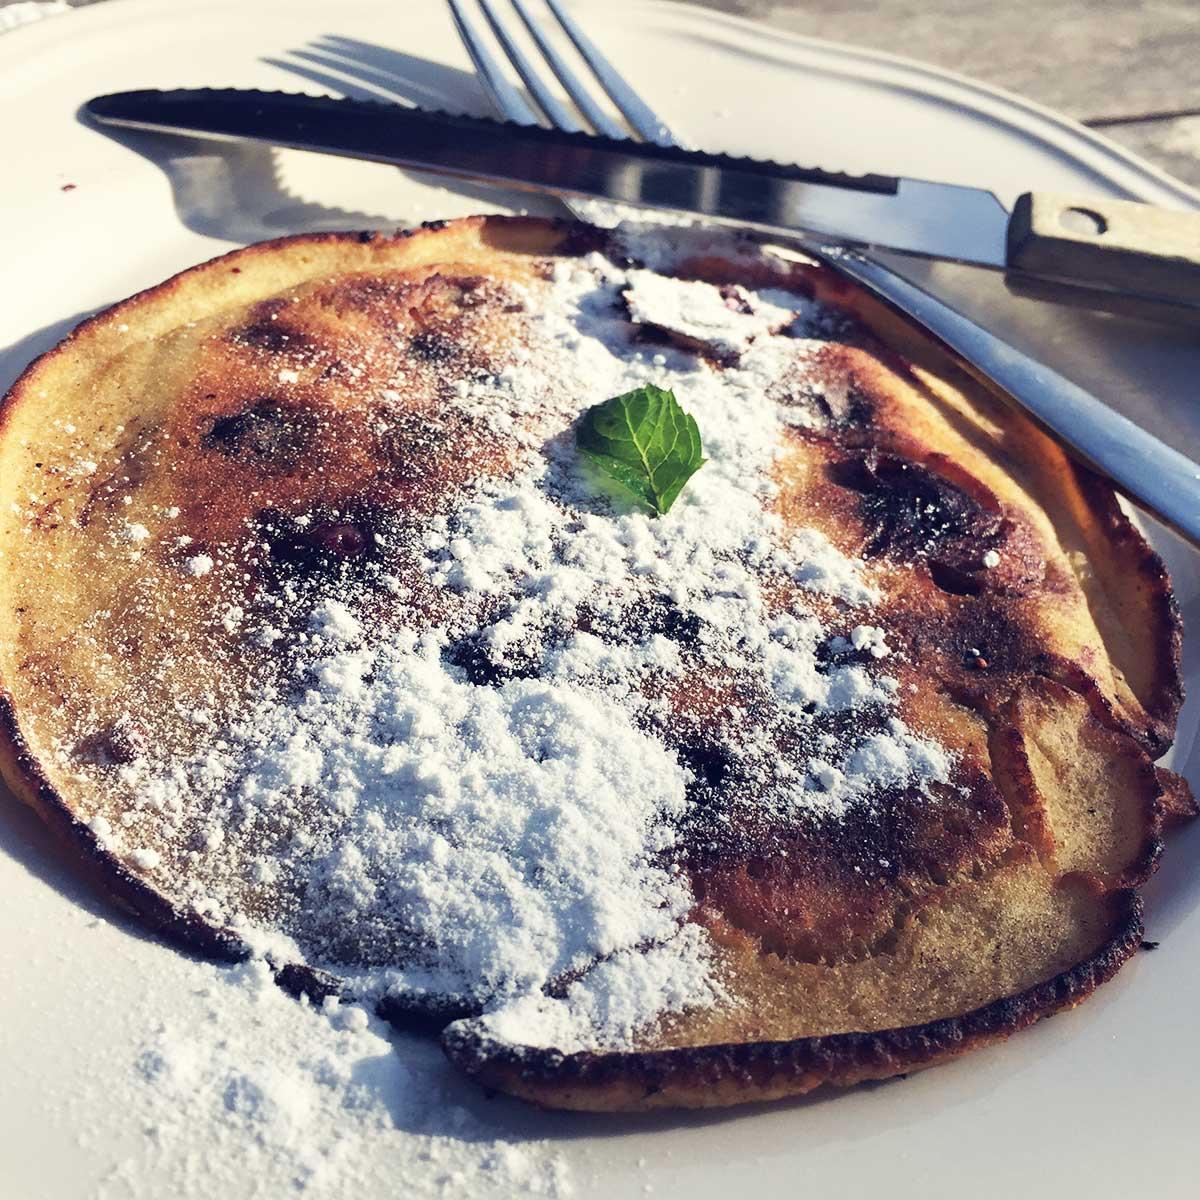 Bed & Breakfast Cassehof in de regio Weert, Nederweert, Groote Peel